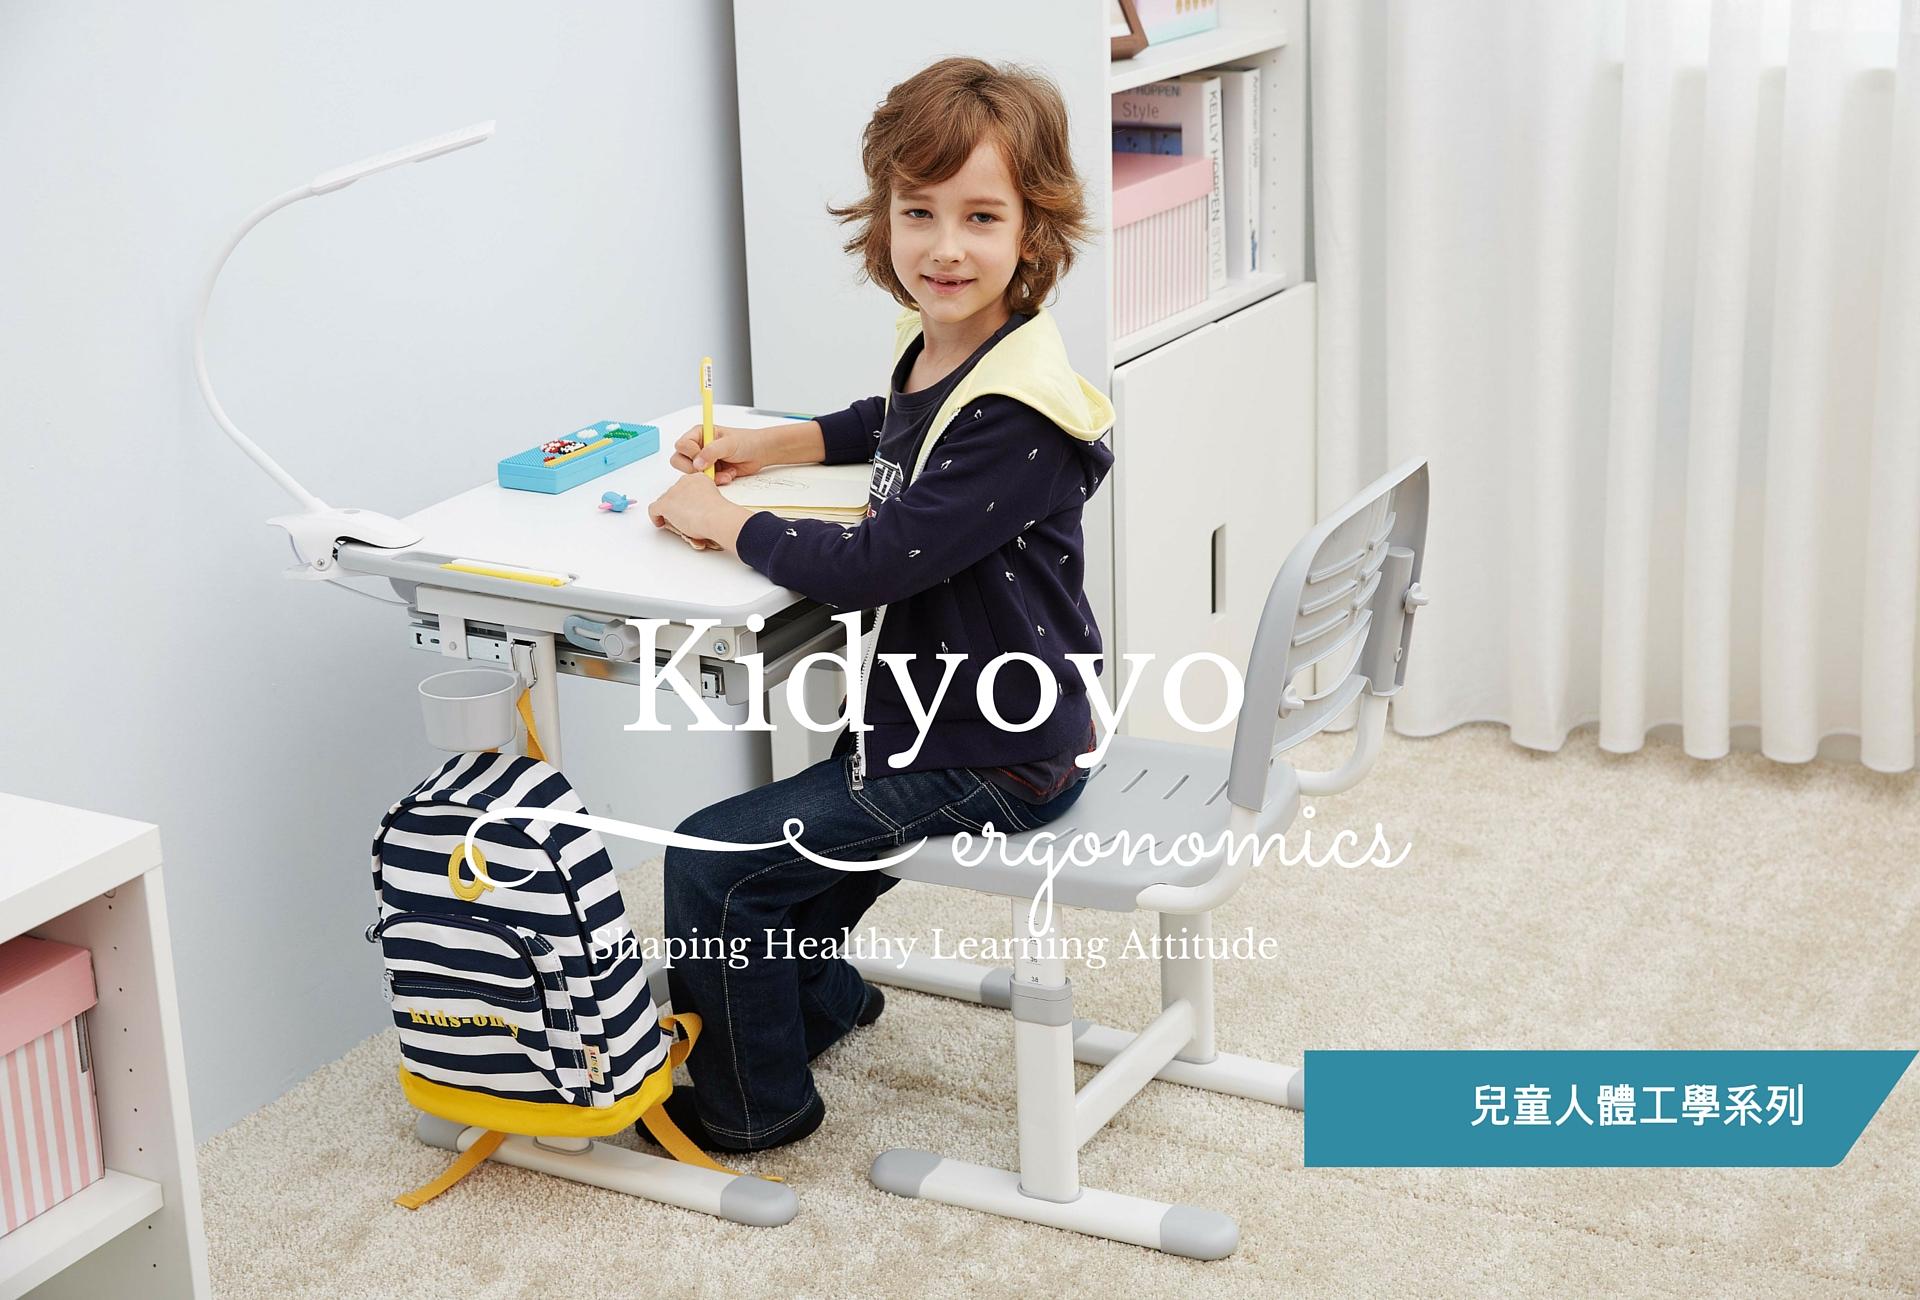 Kidyoyo_Banner